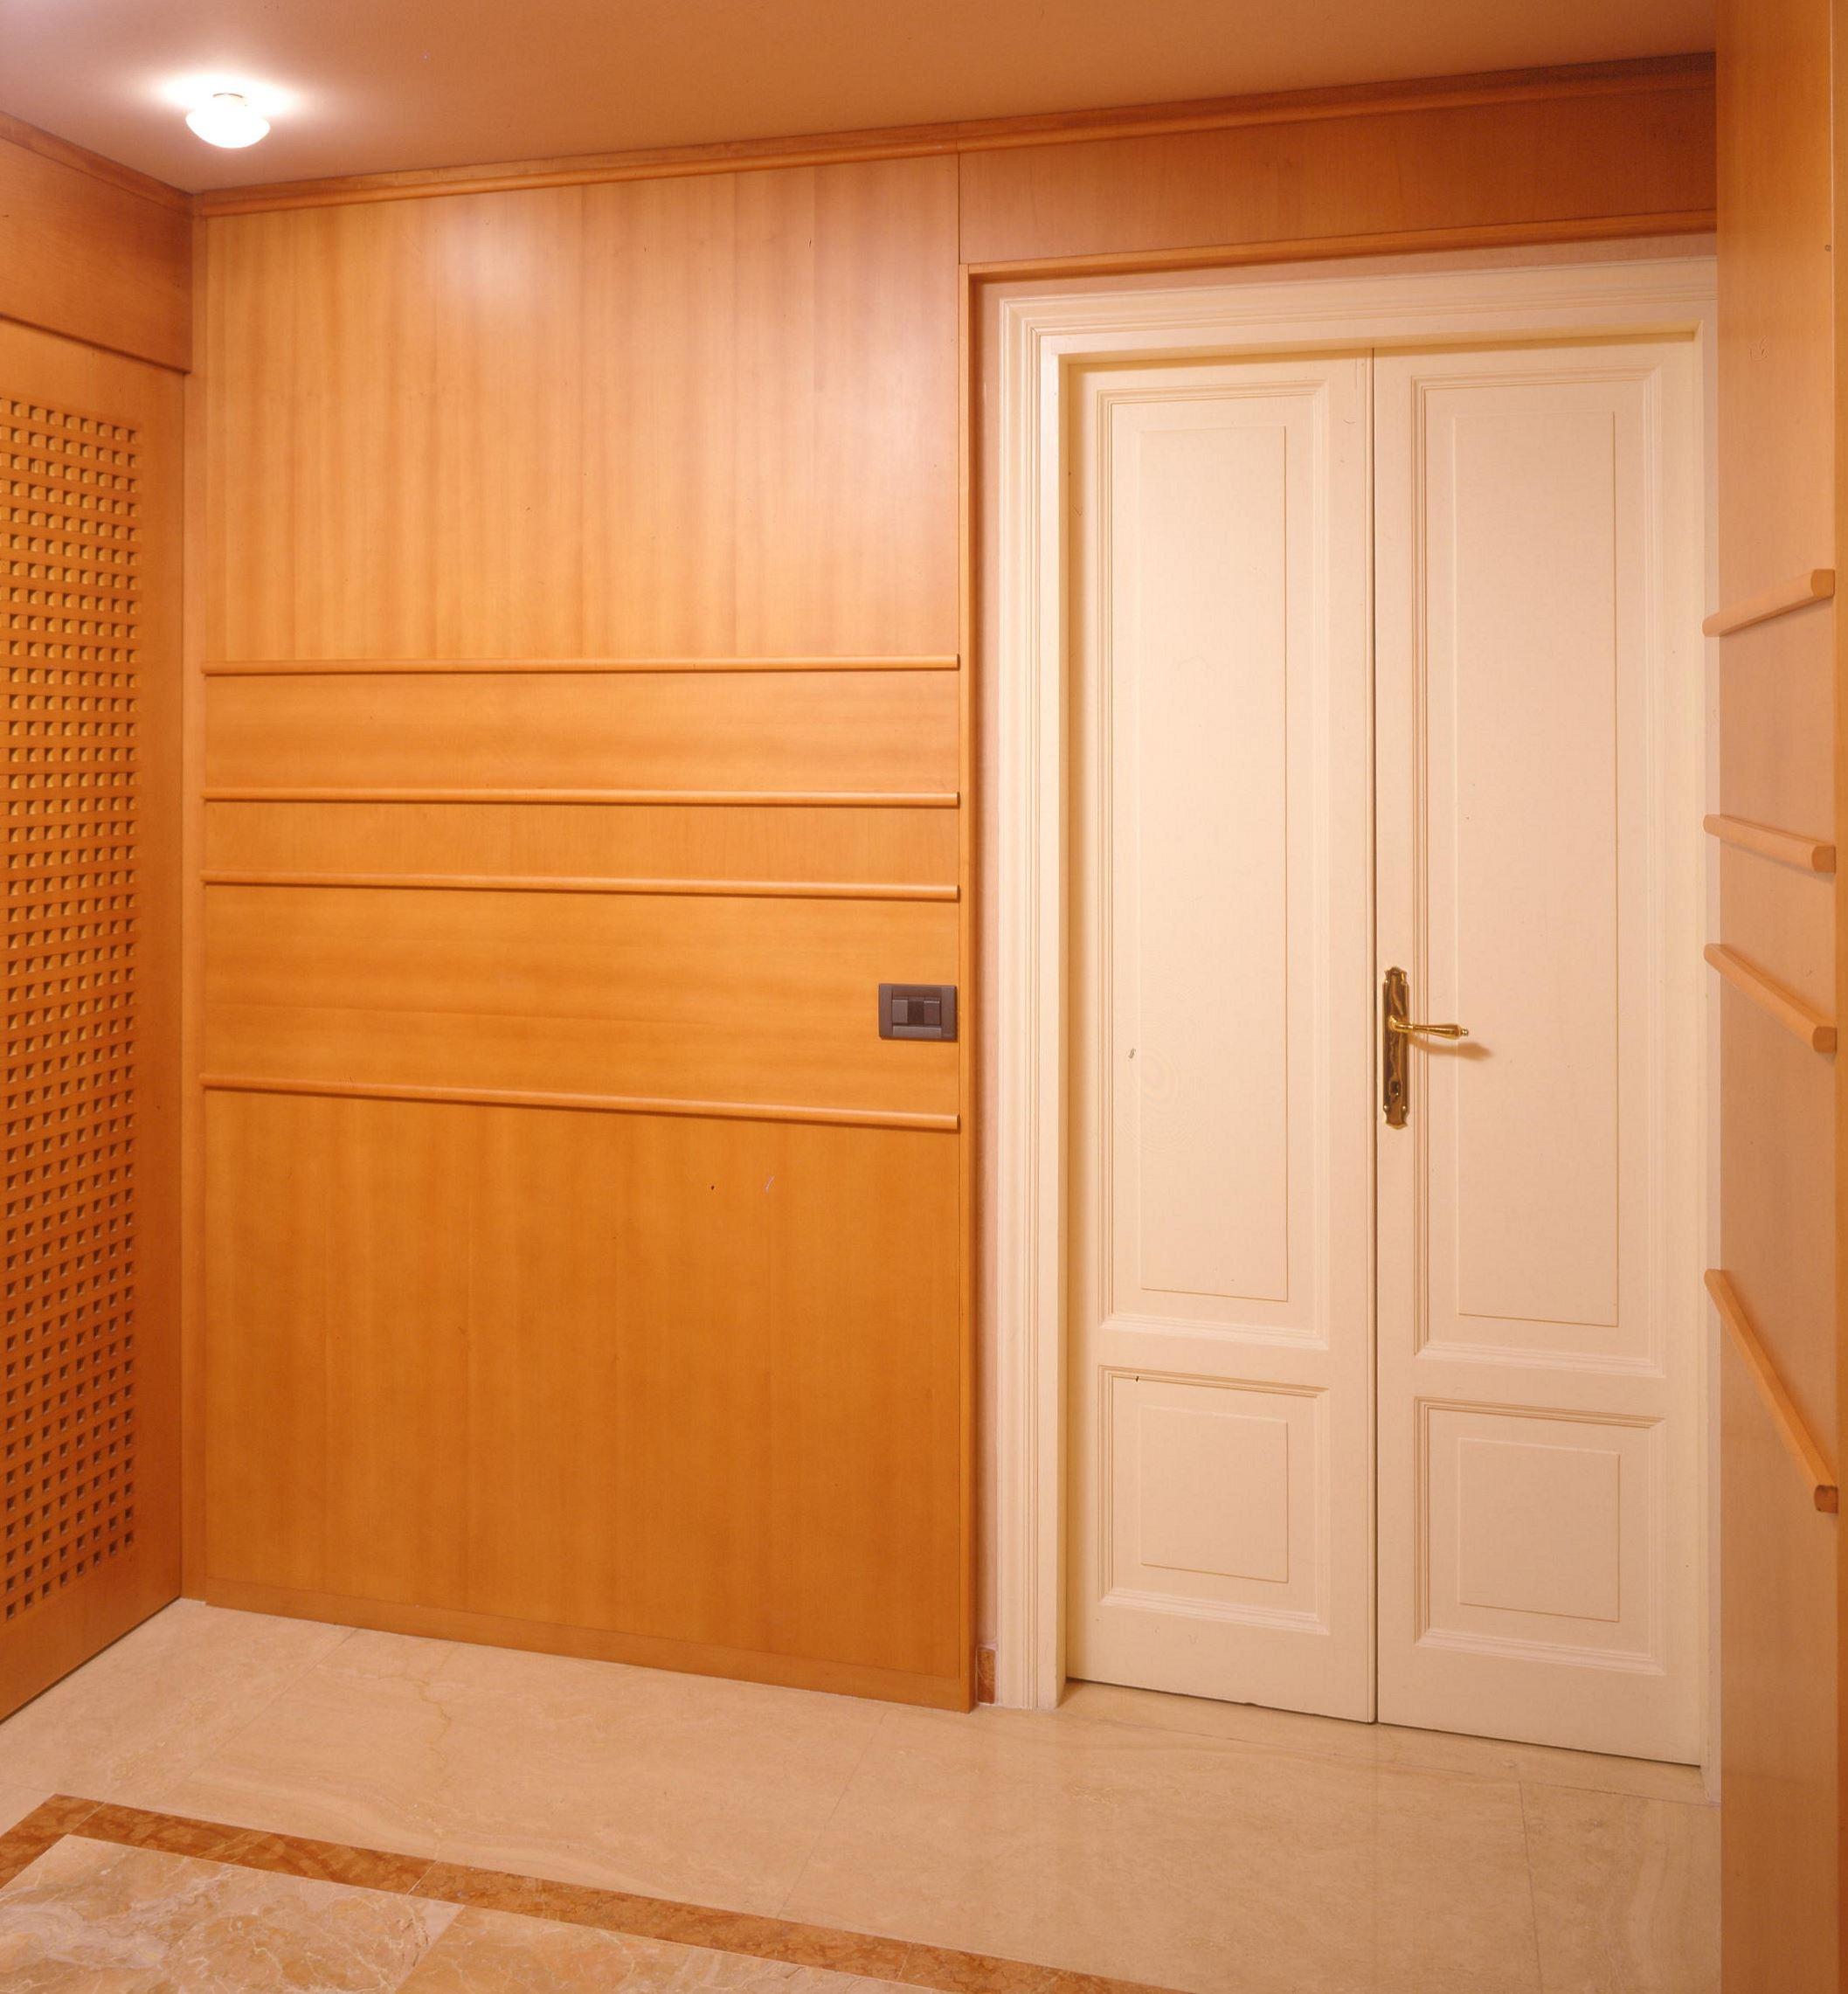 Home interior design, Milano - Alessandro Villa architect